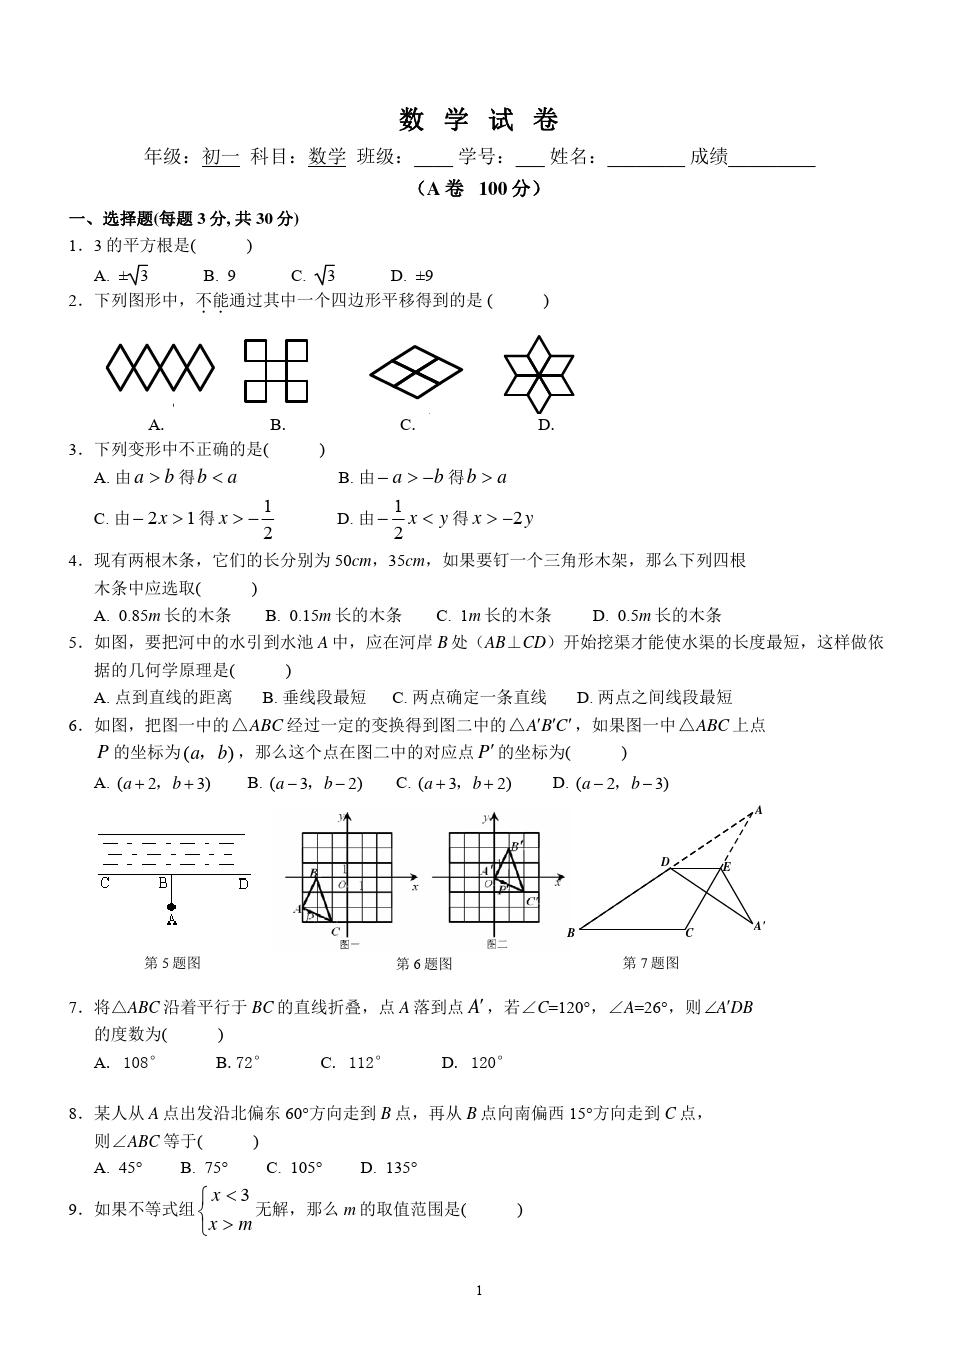 初一数学试卷二